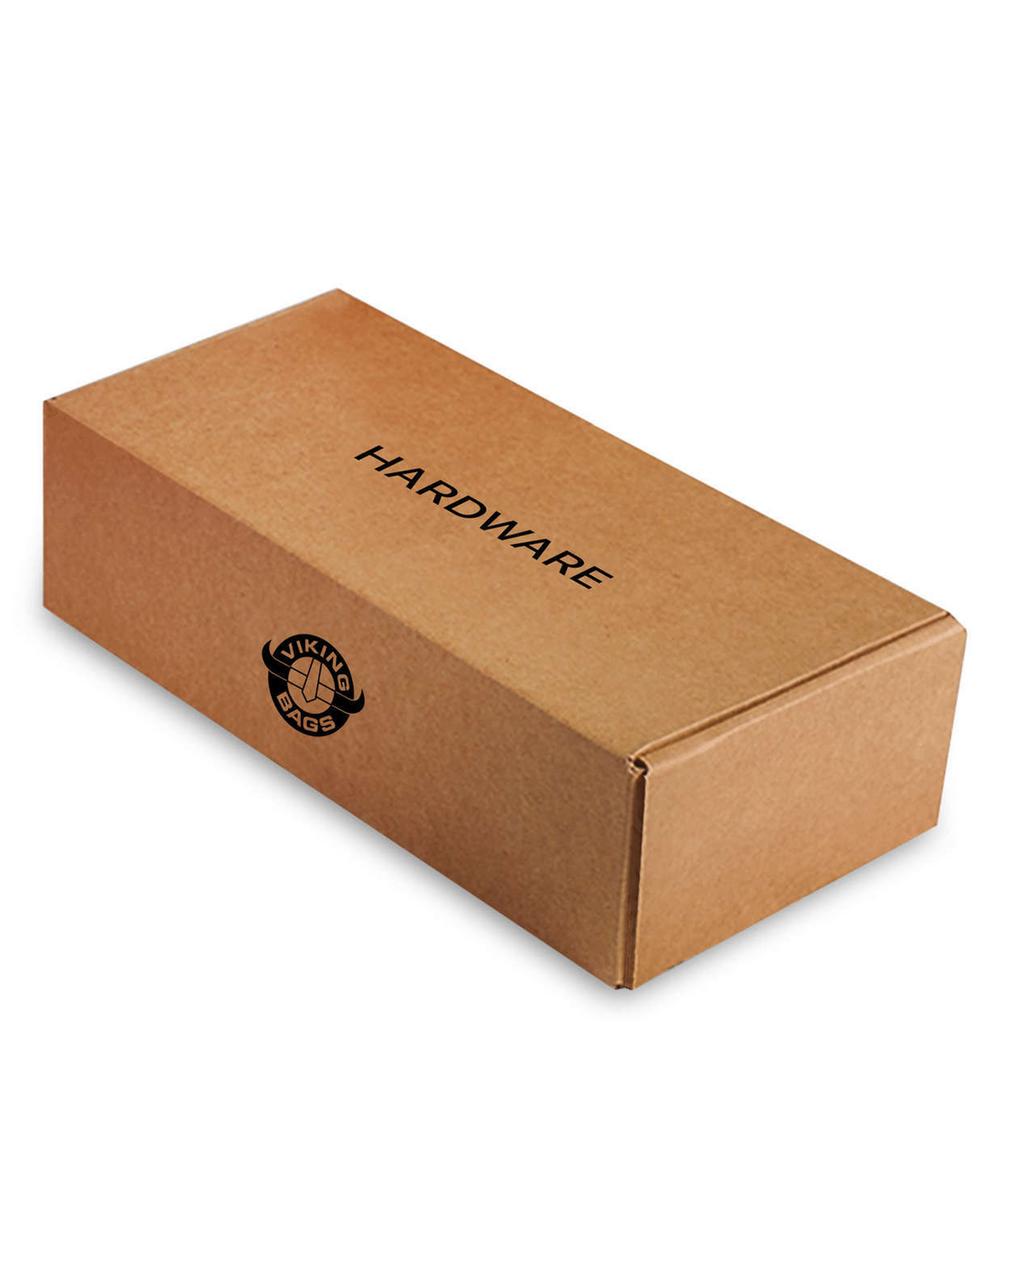 Honda 750 Shadow Aero Viking Lamellar Large Leather Covered Shock Cutout Hard Motorcycle Saddlebags Hardware Box